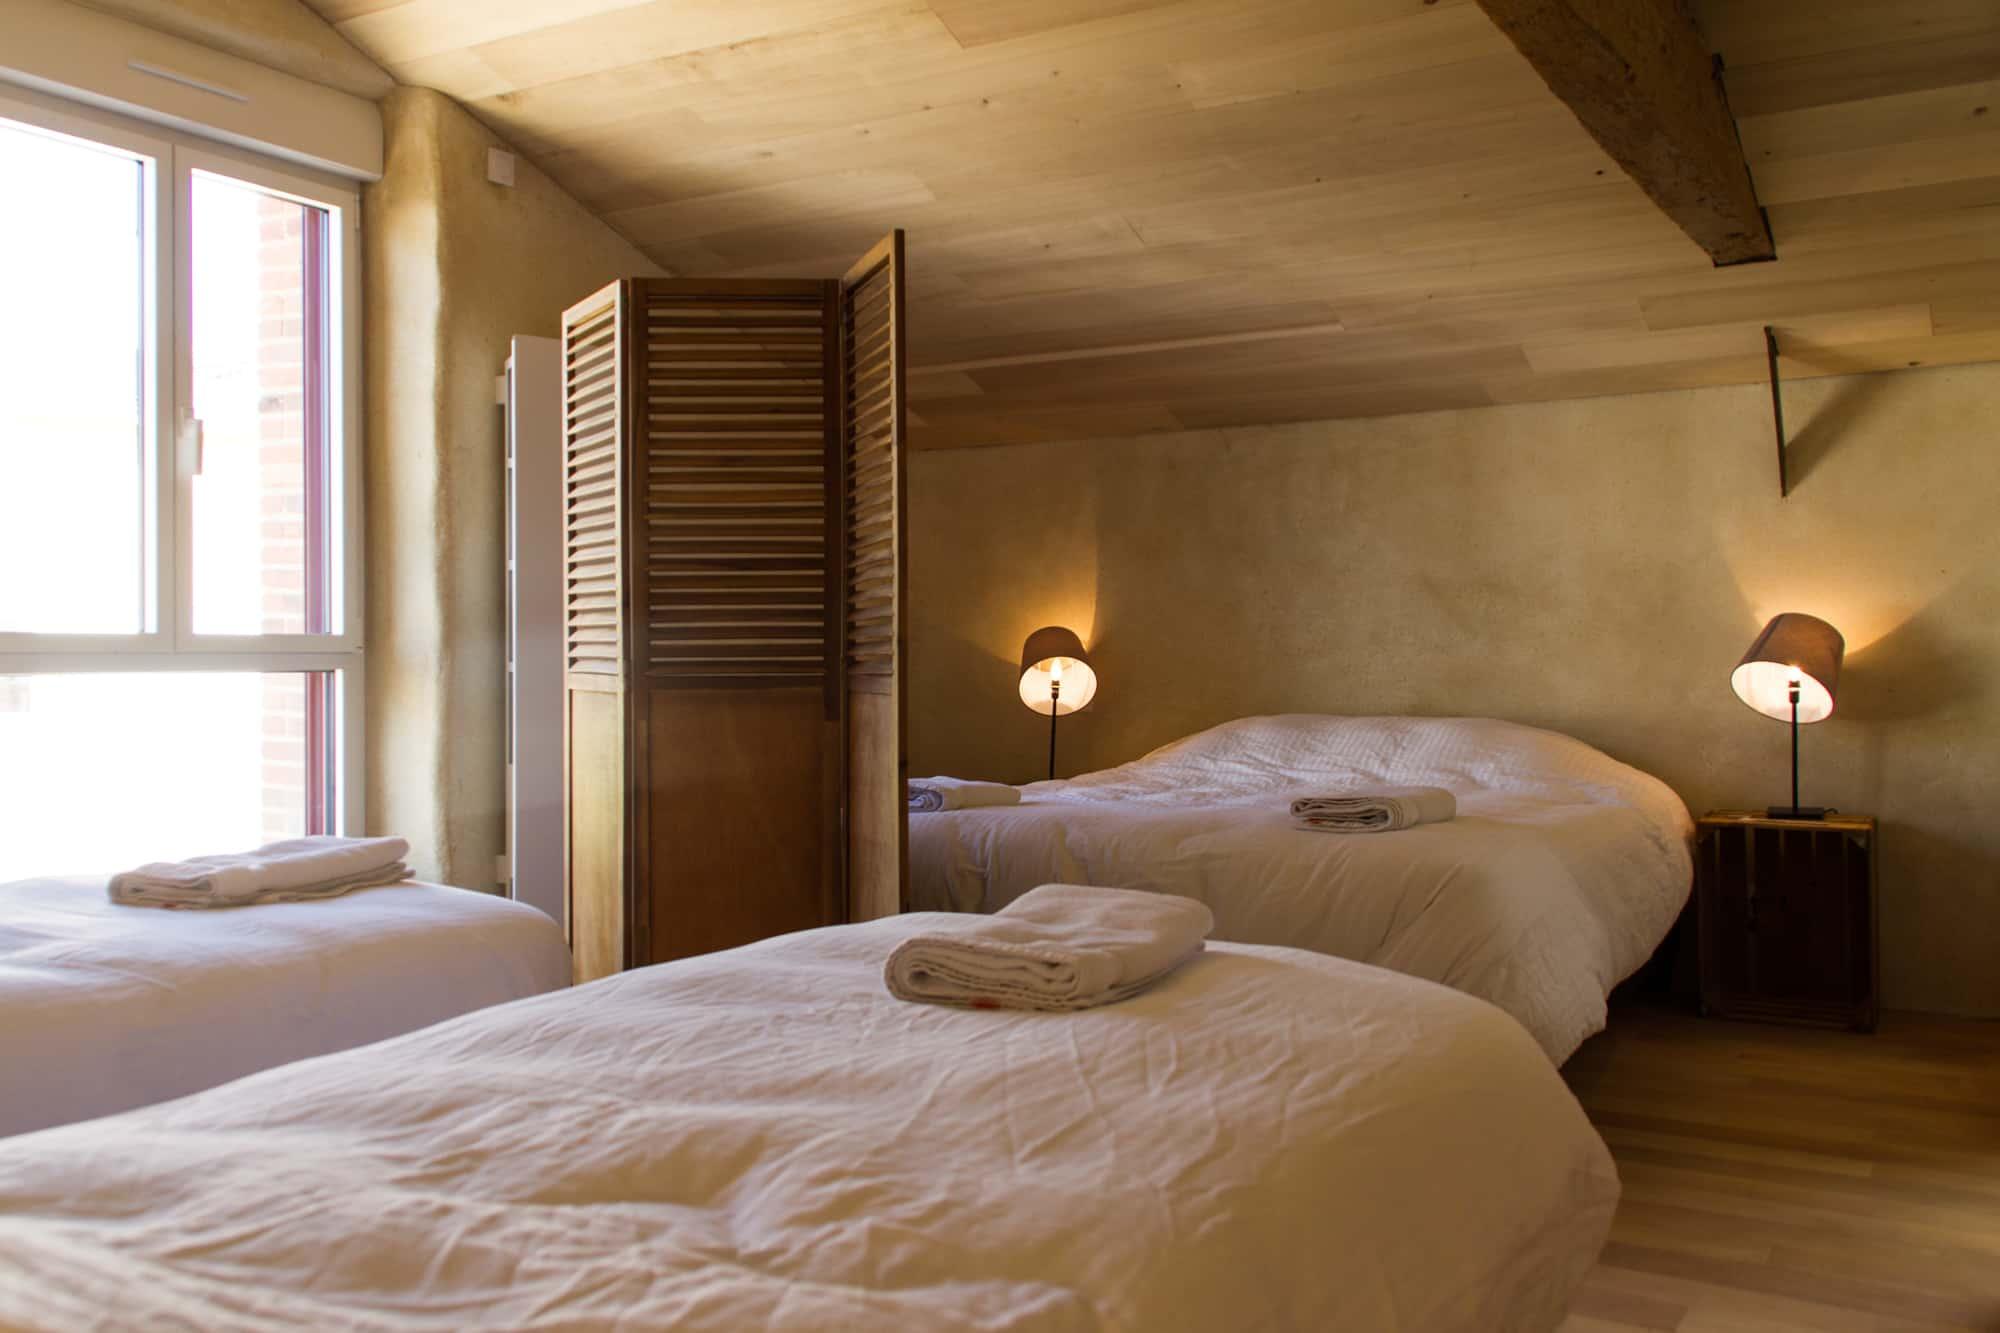 Couchages de qualité hôtelière de la chambre 4 personnes